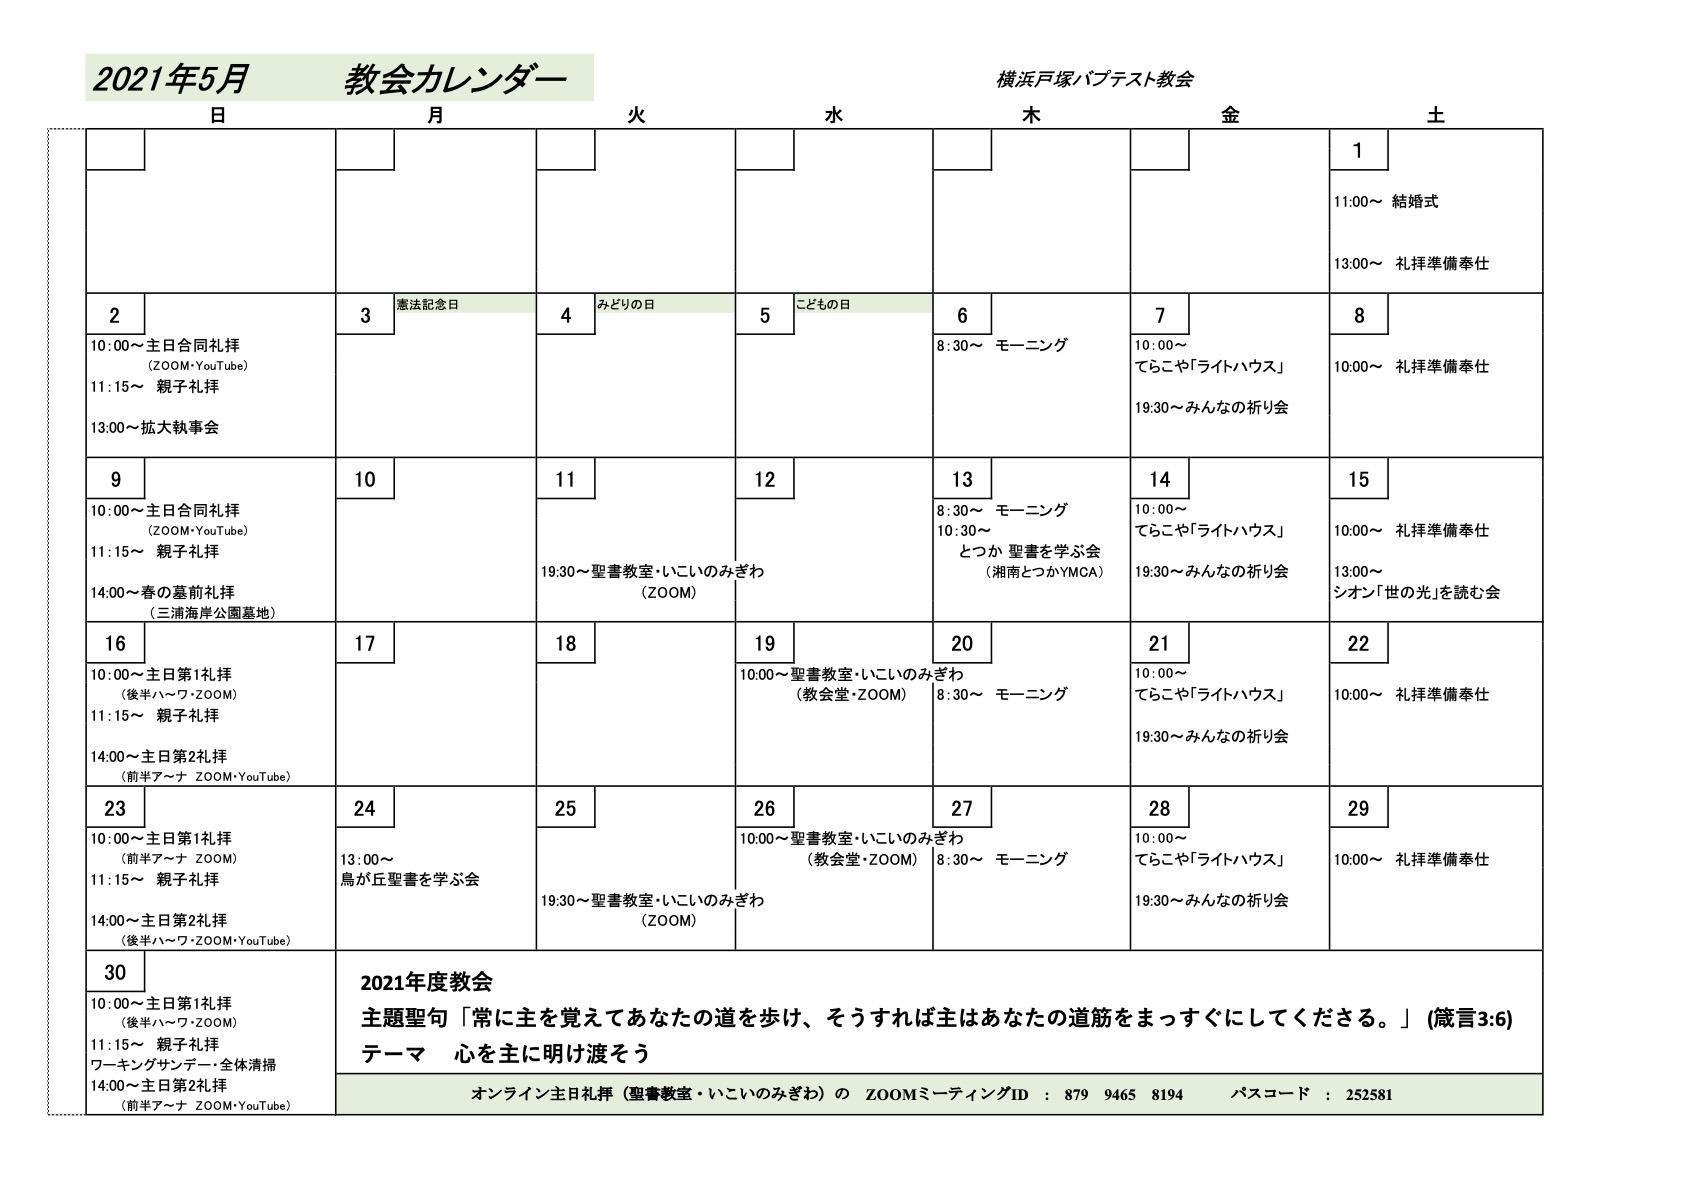 教会カレンダー2021年5月